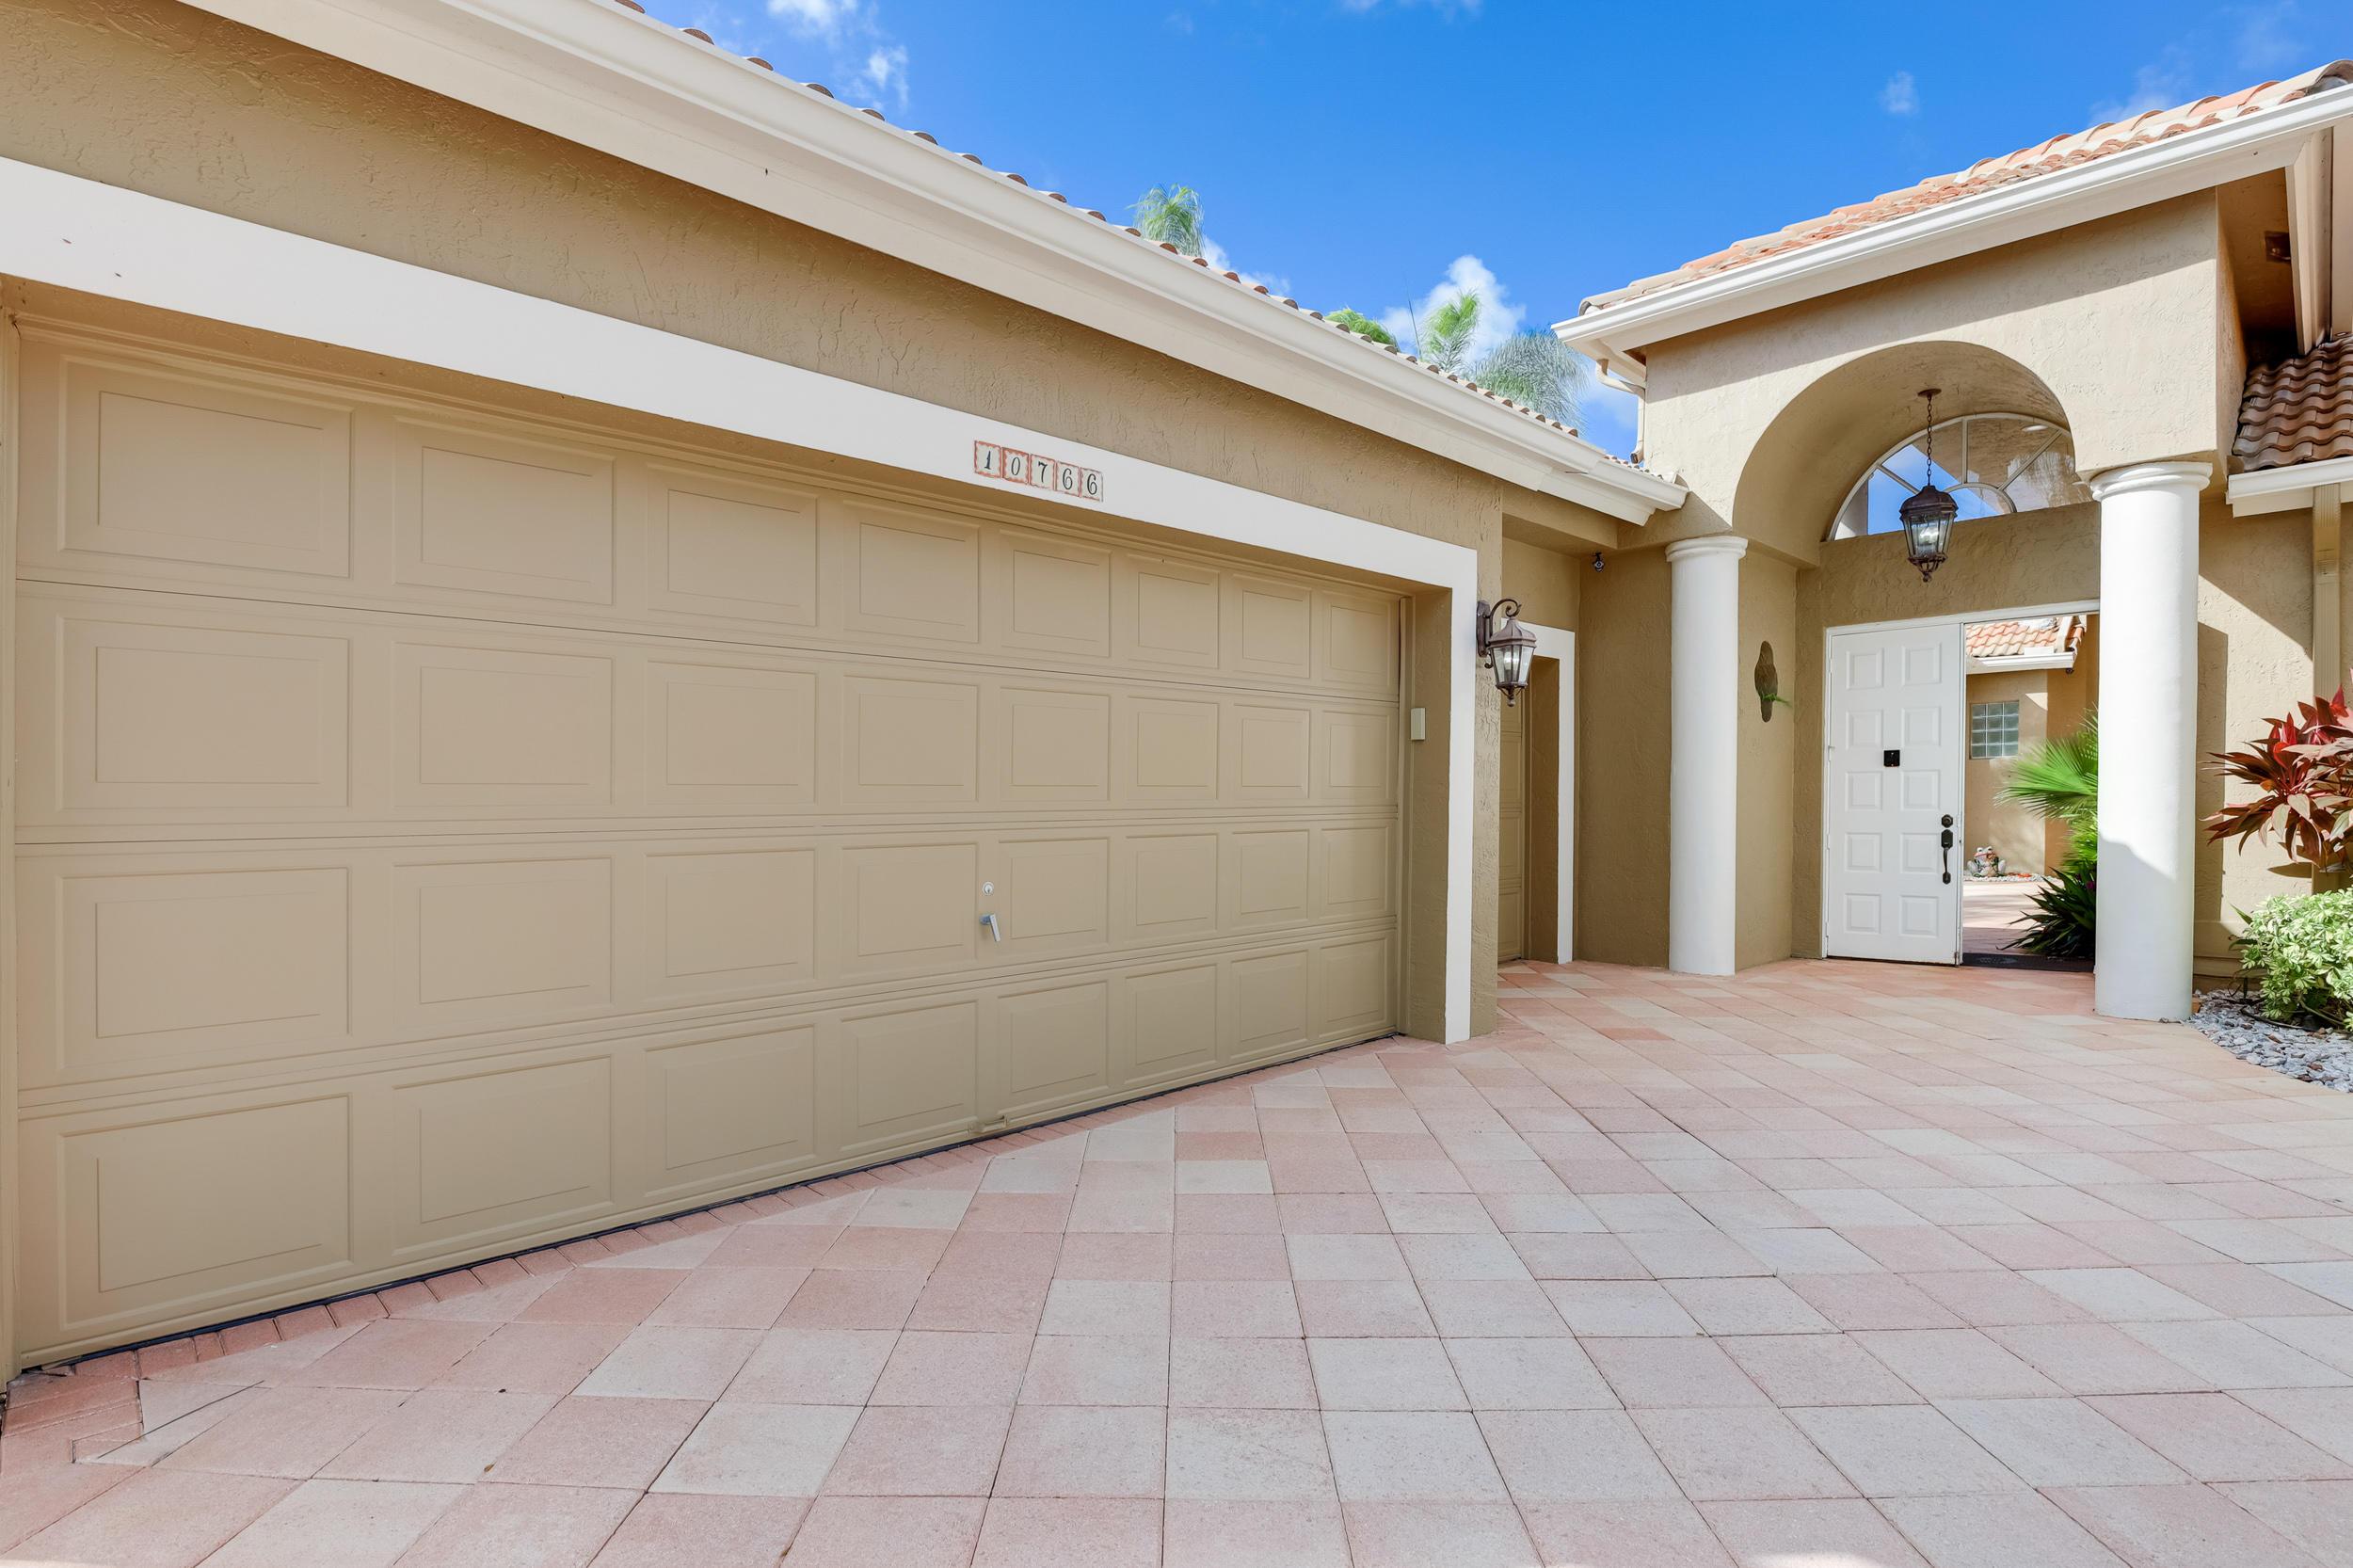 Image 3 For 10766 Greenbriar Villa Drive